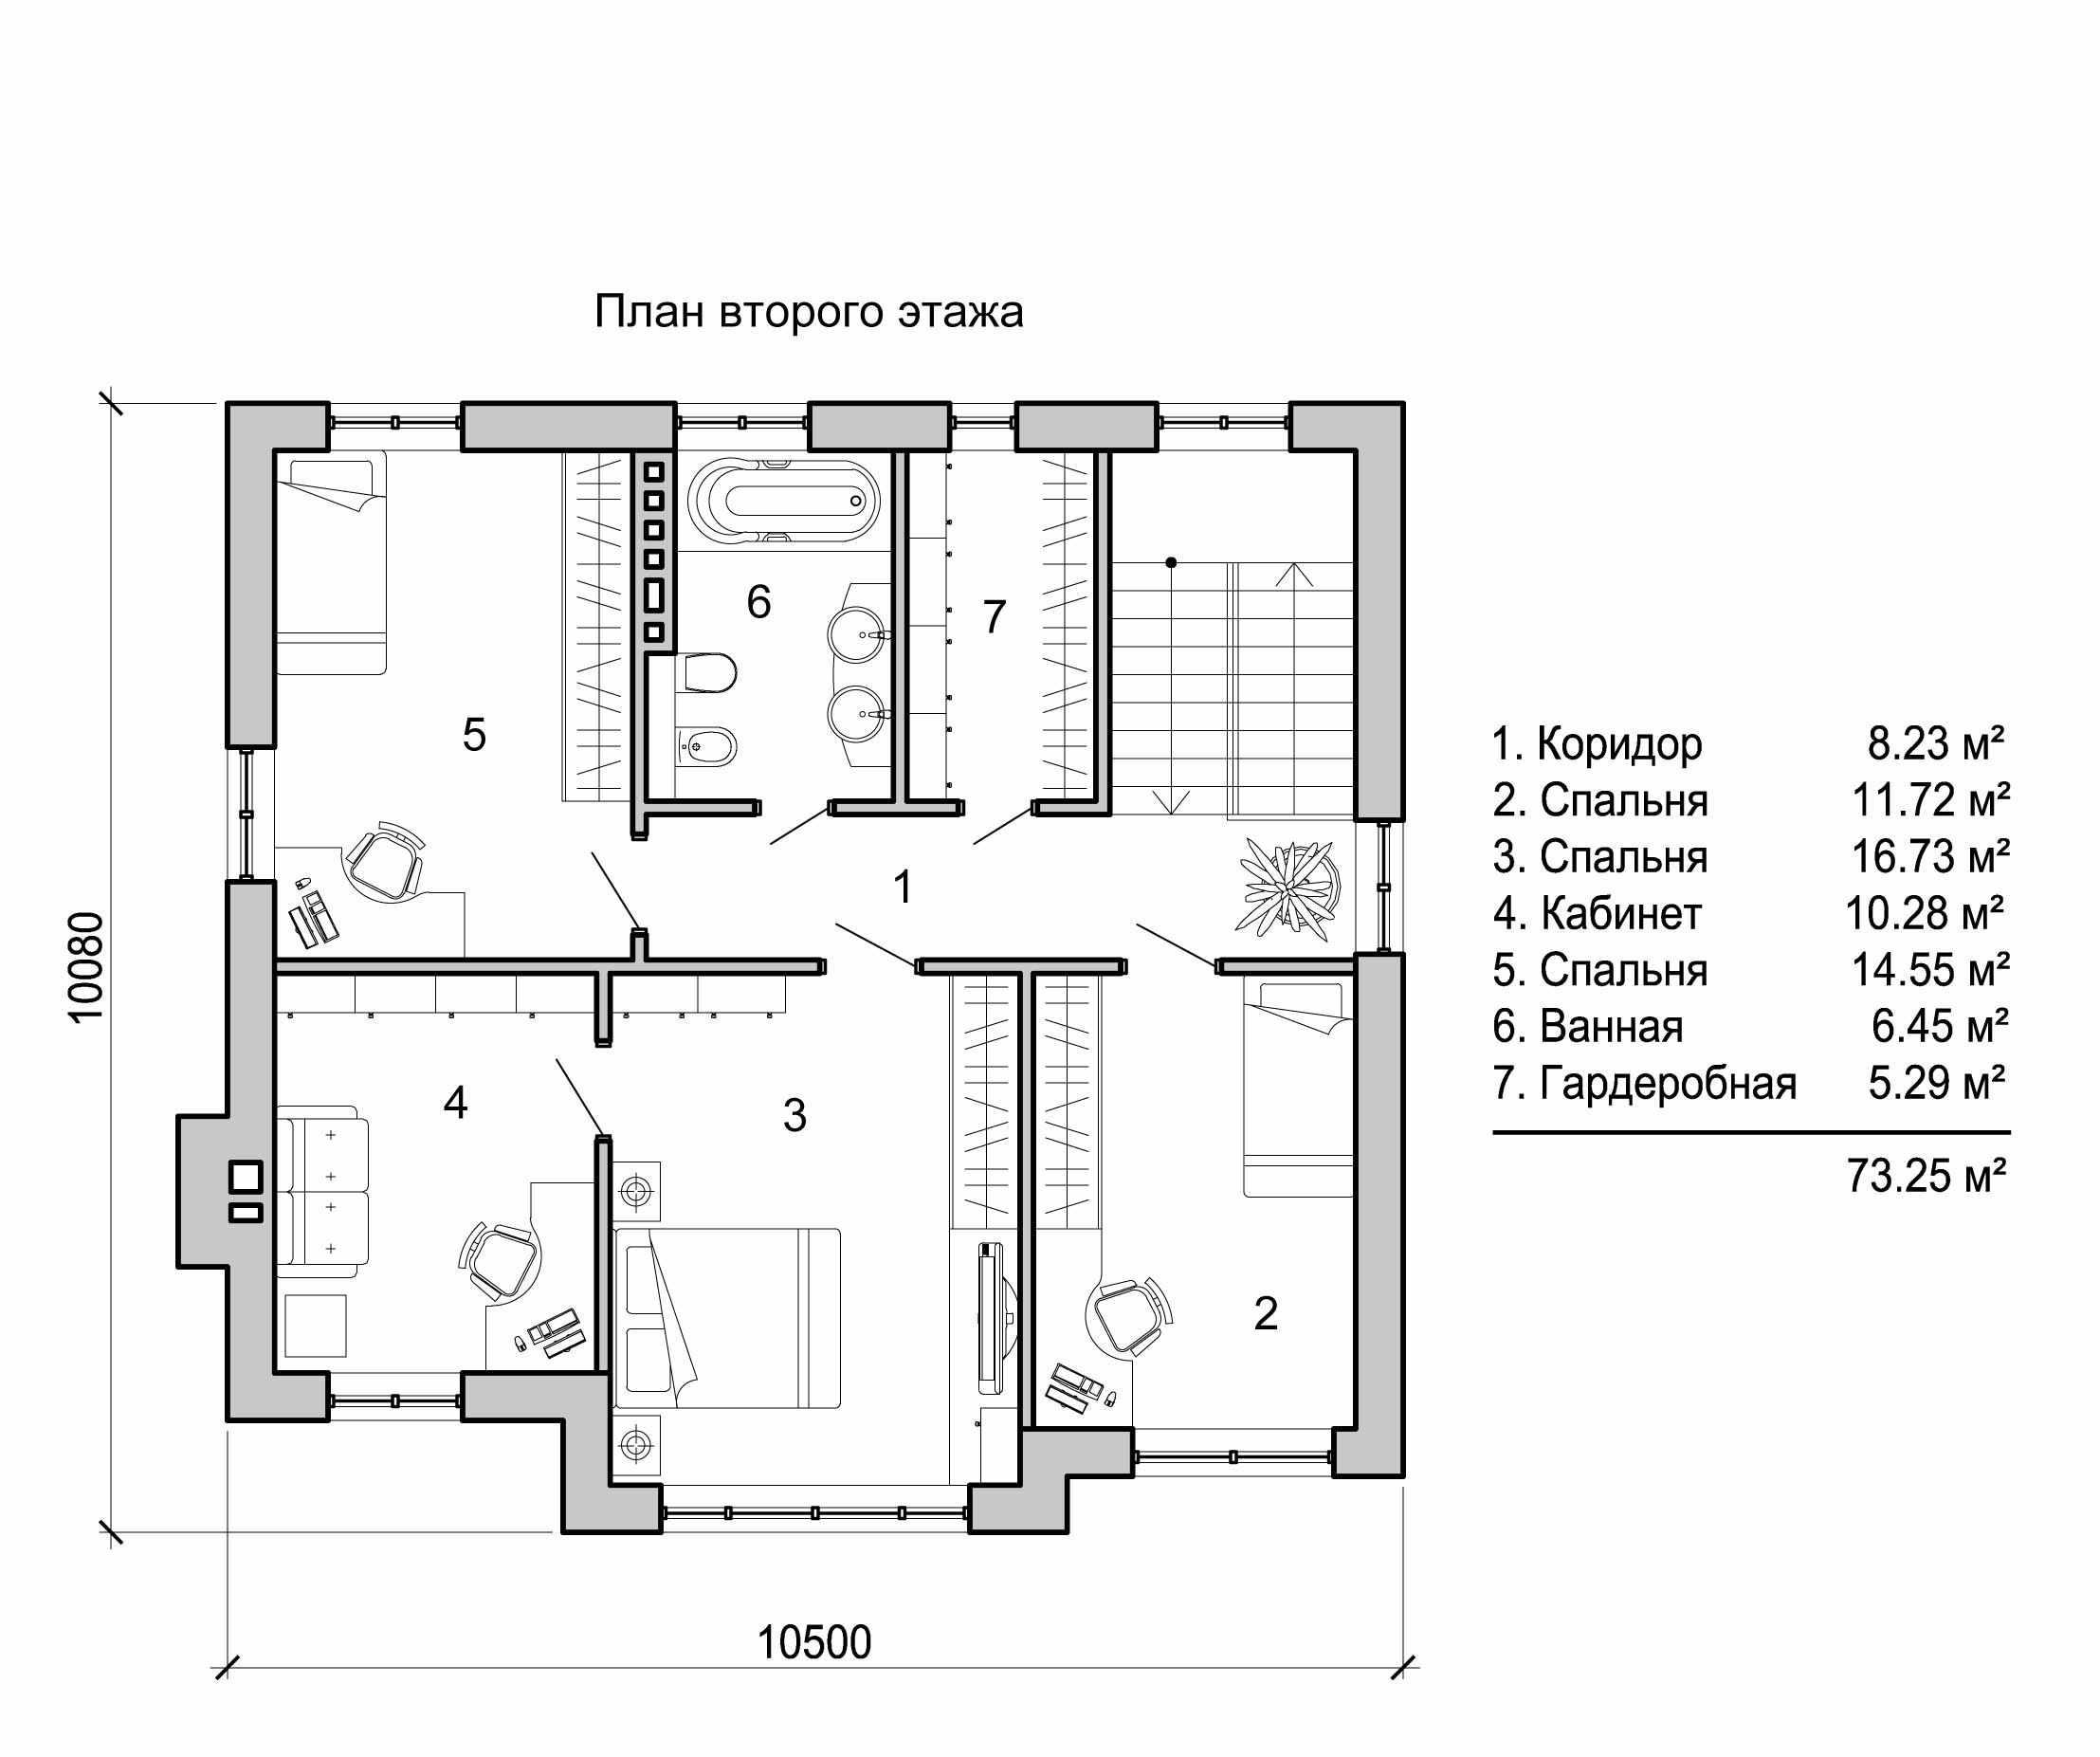 Планировка второго этажа дома 6 на 6